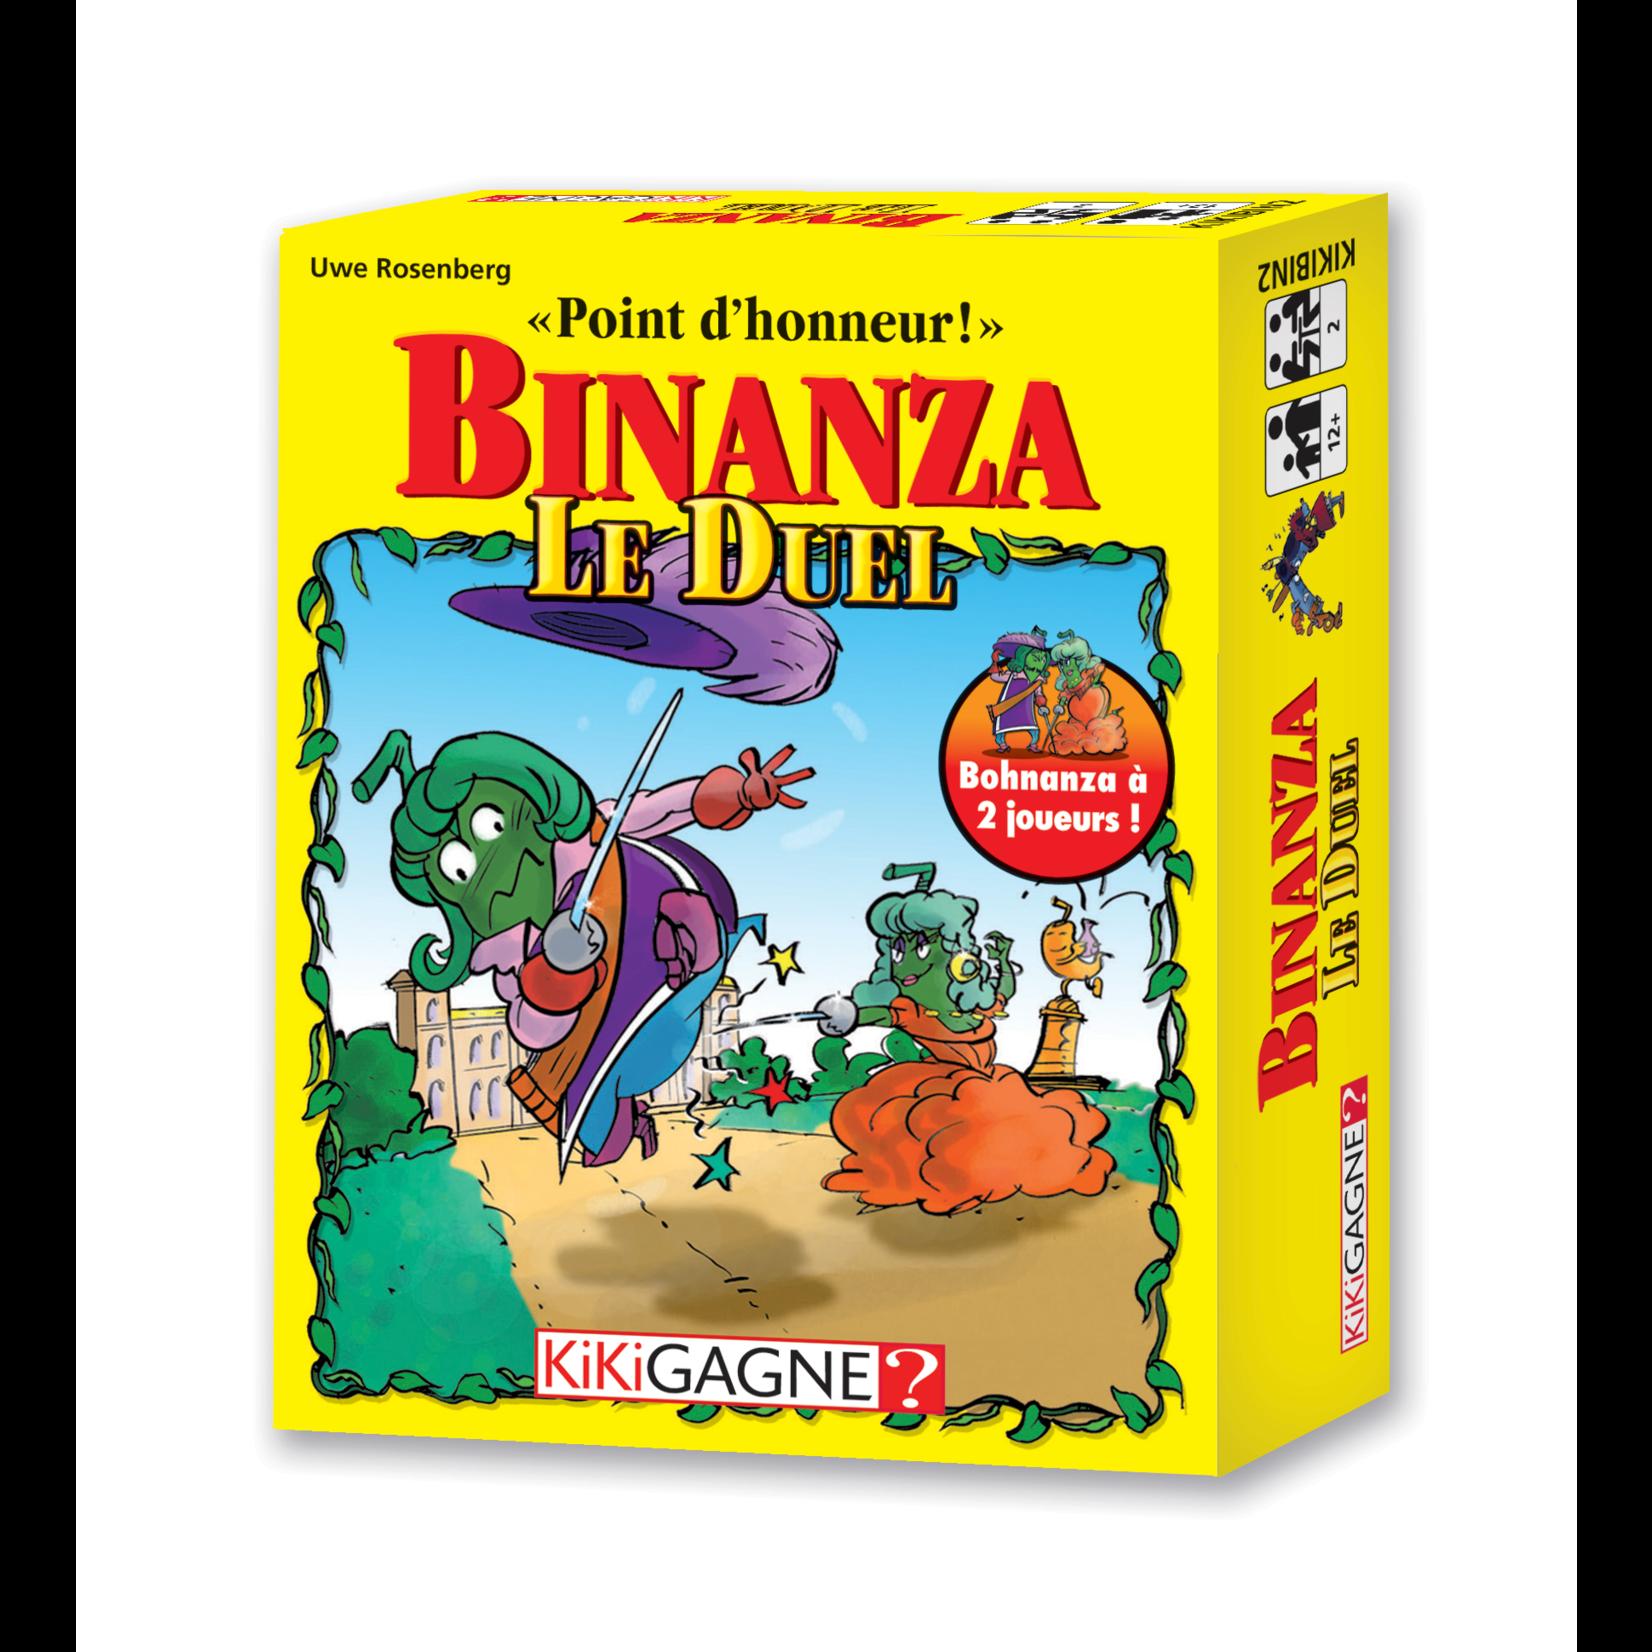 KikiGagne Binanza - Le Duel (French)